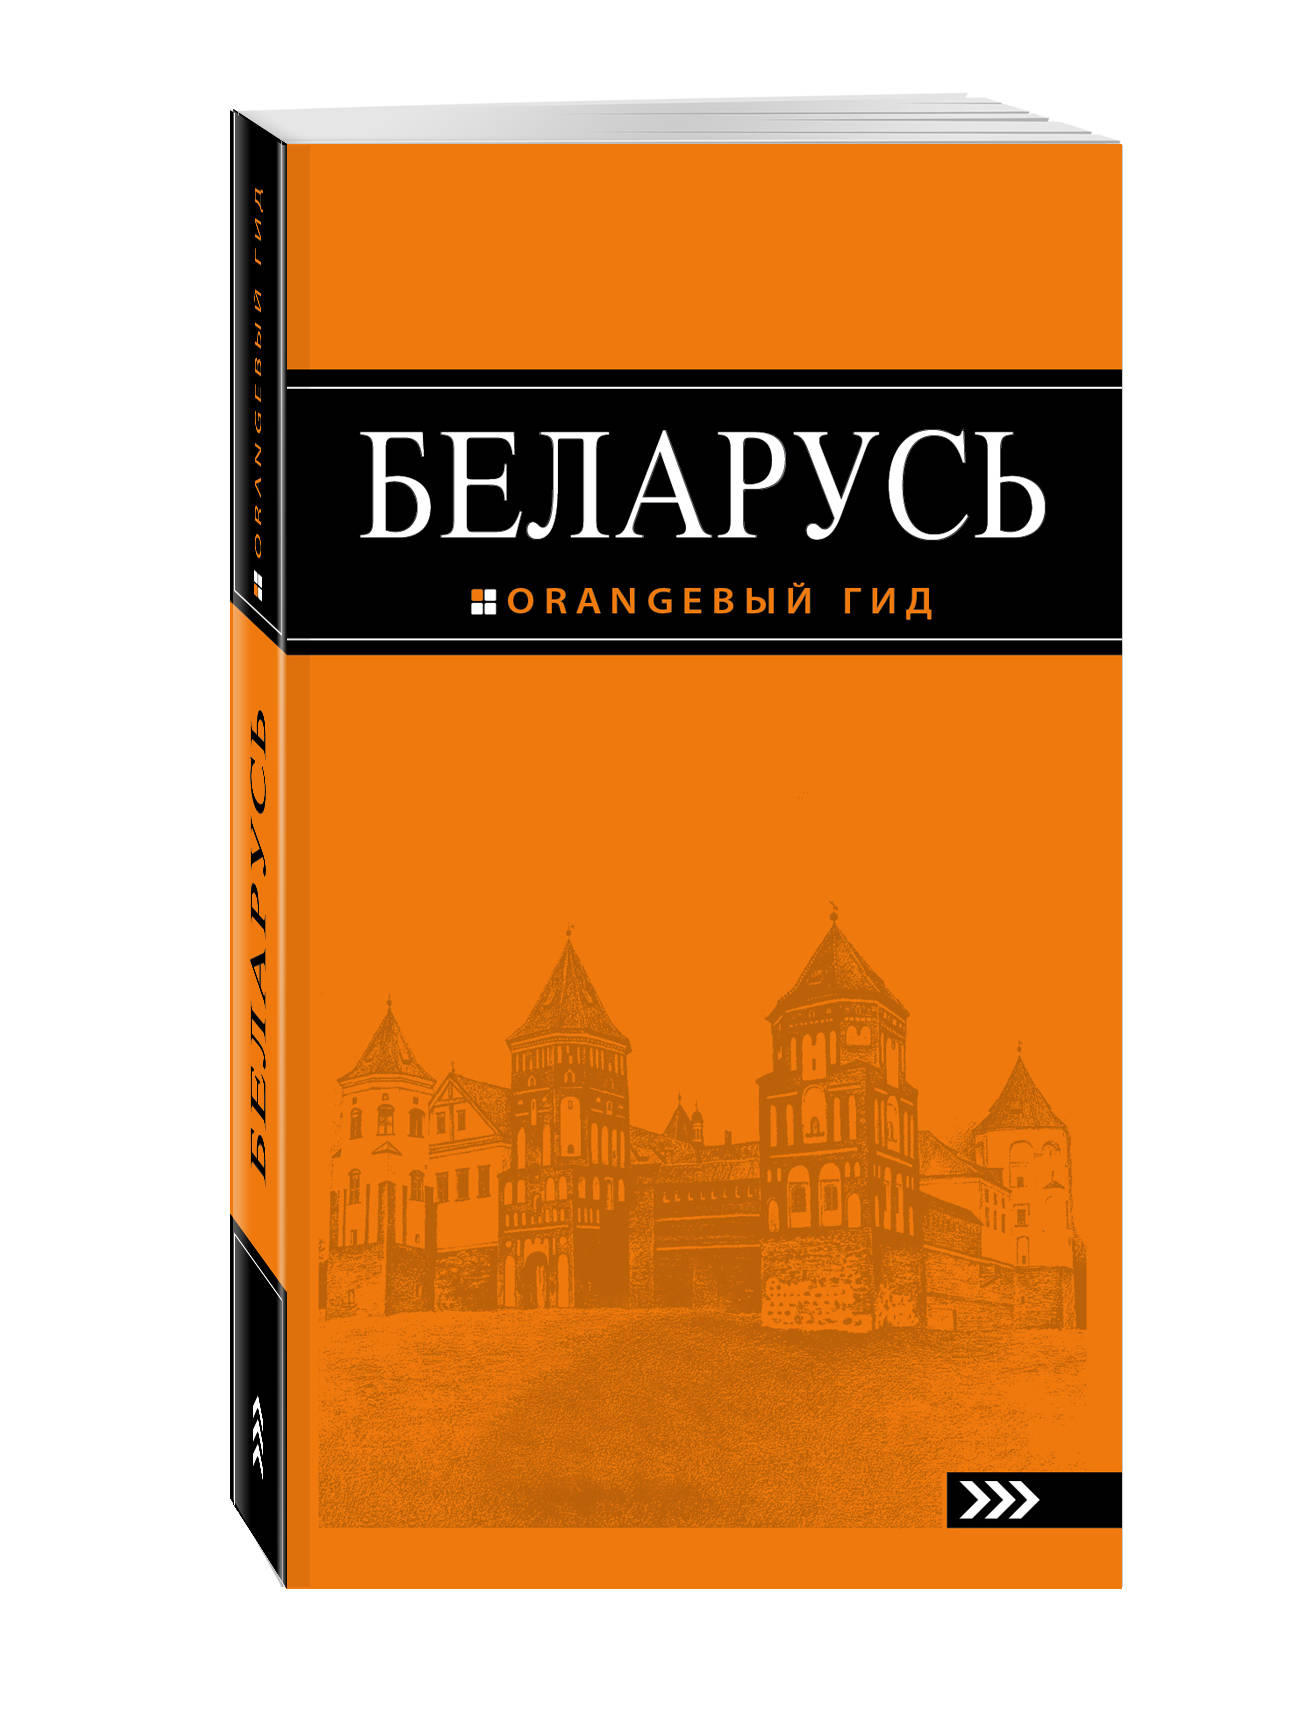 Кирпа С. Беларусь: путеводитель. 2-е изд., испр. и доп. как автомобиль россиянину в беларуси